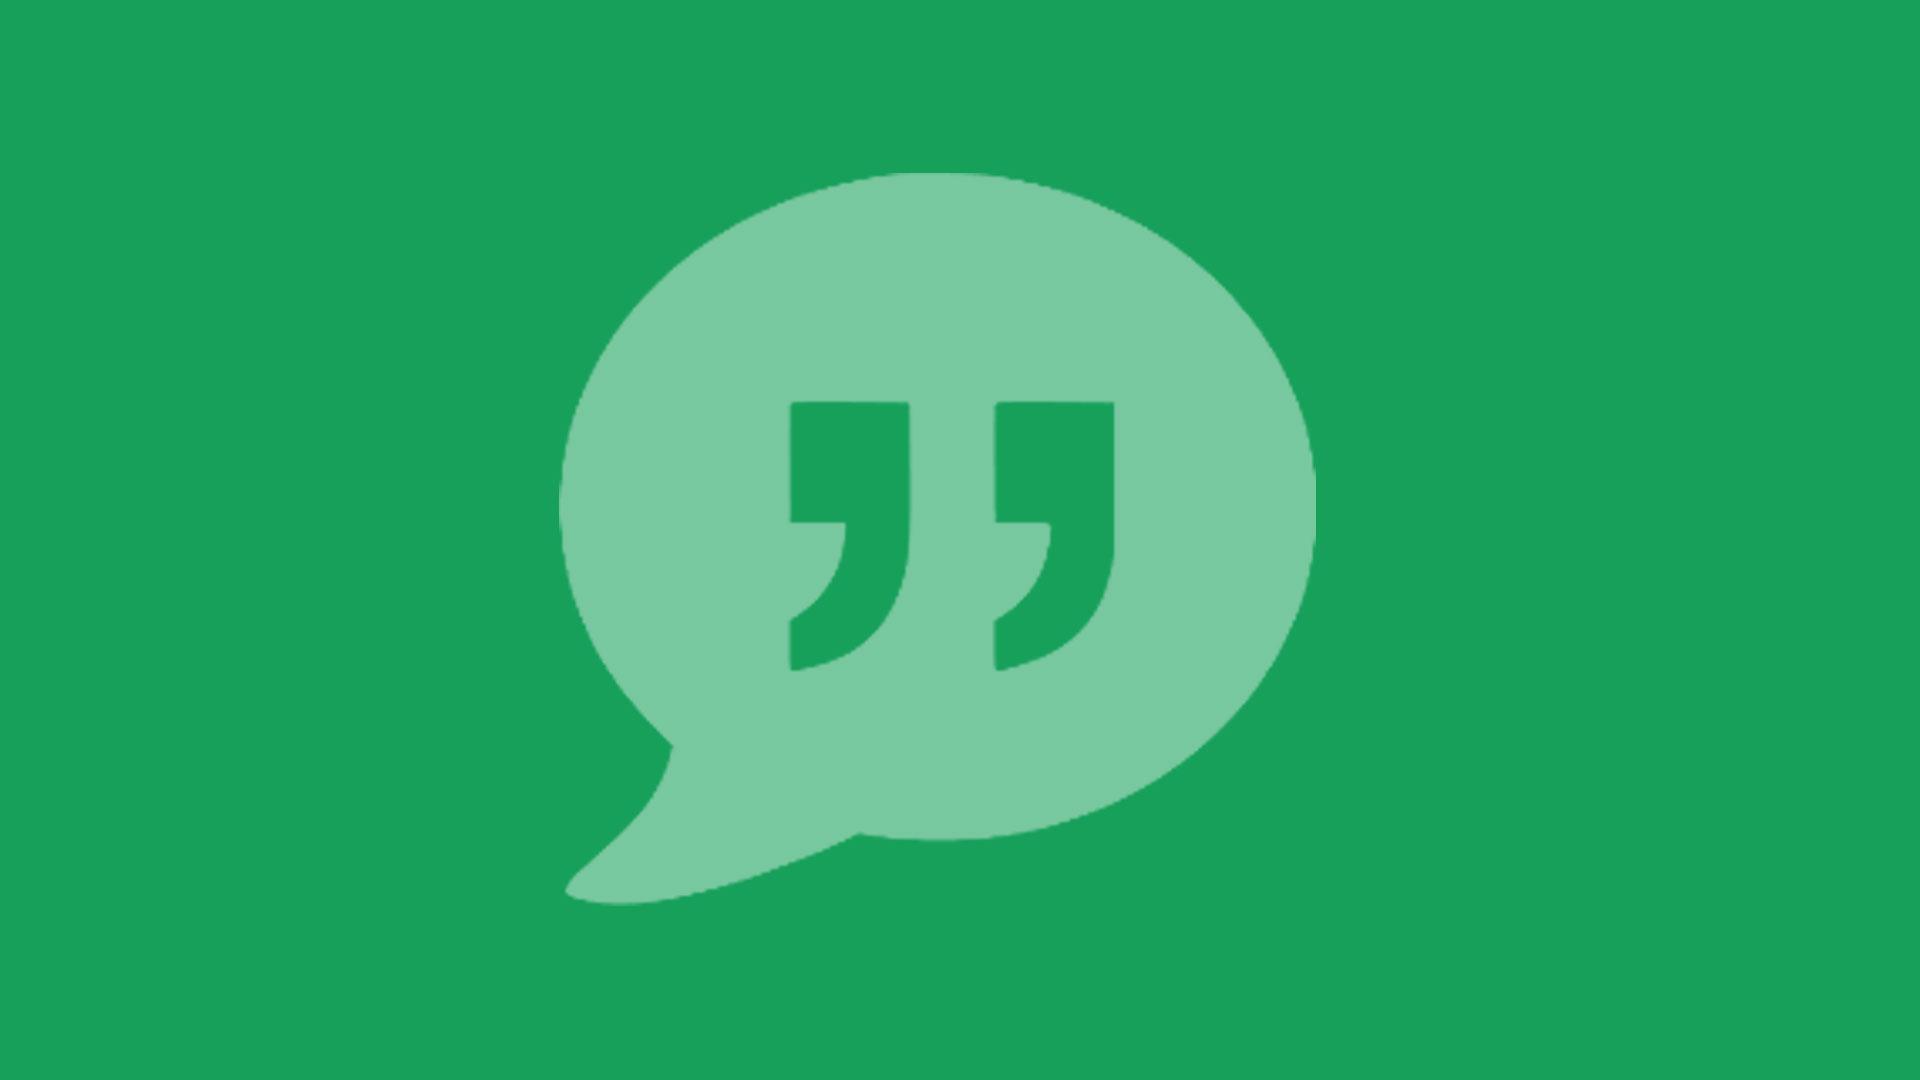 Quran Recitation, Translation, Tafseer, Islamic Videos